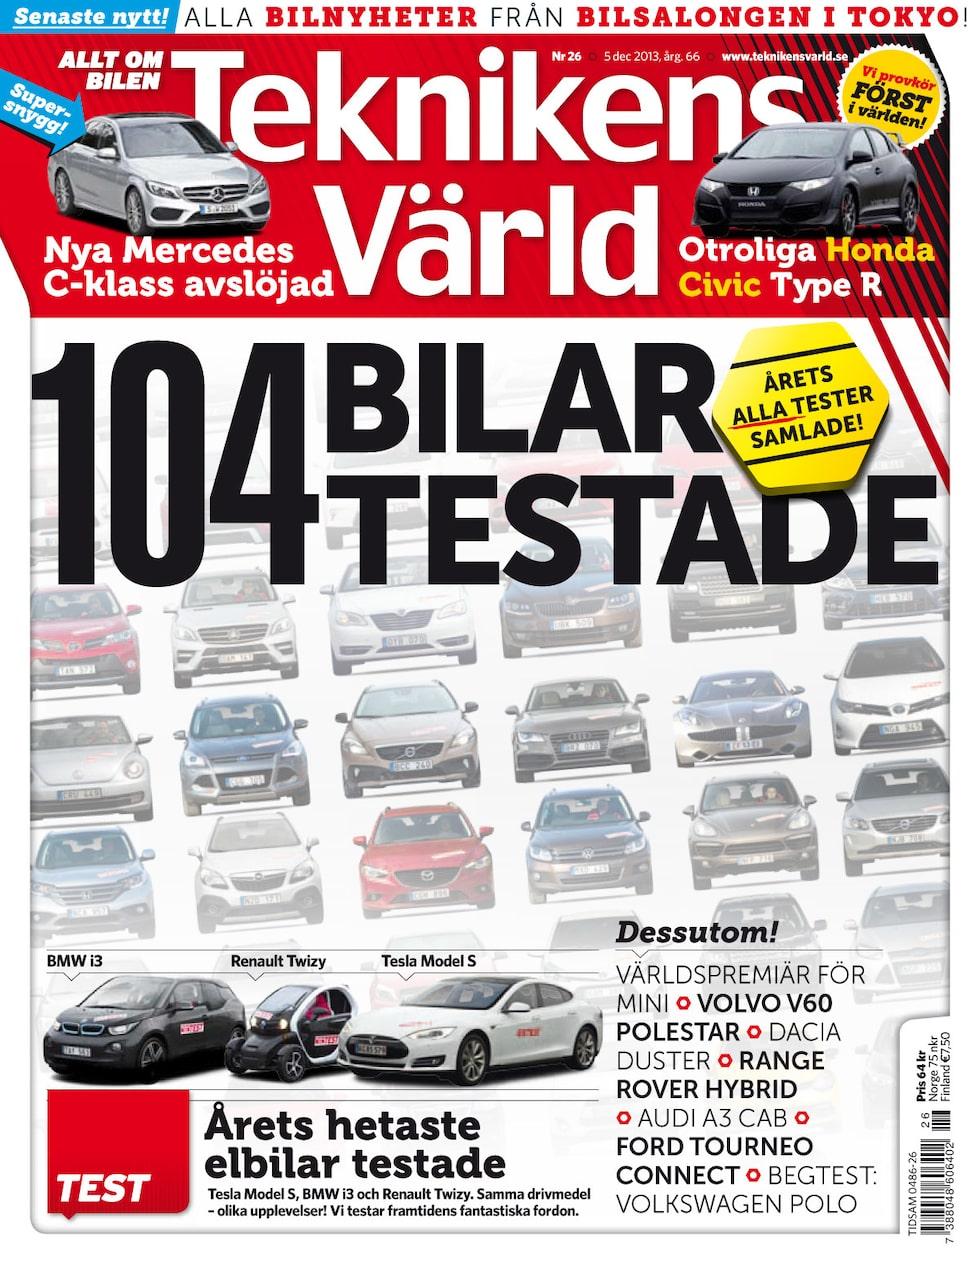 Teknikens Värld nummer 26 / 2013